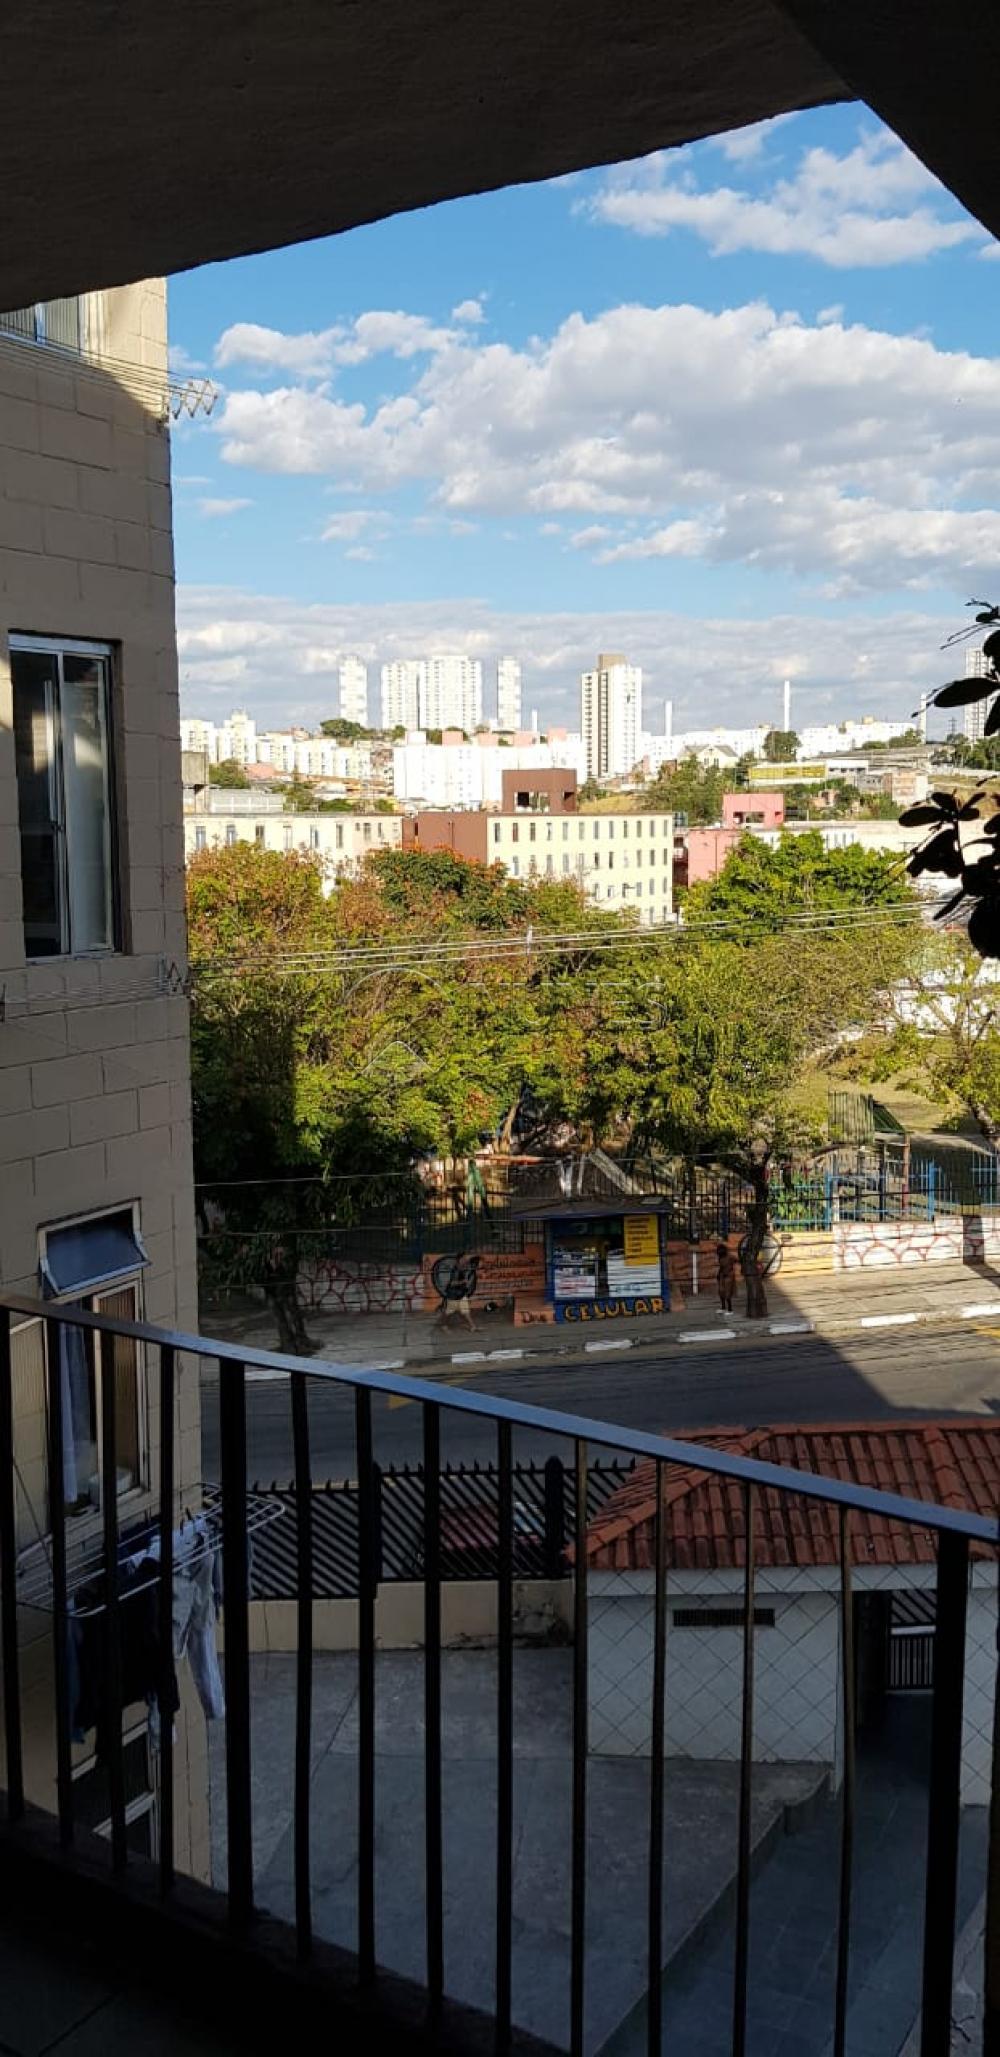 Comprar Apartamento / Padrão em Carapicuíba apenas R$ 130.000,00 - Foto 9